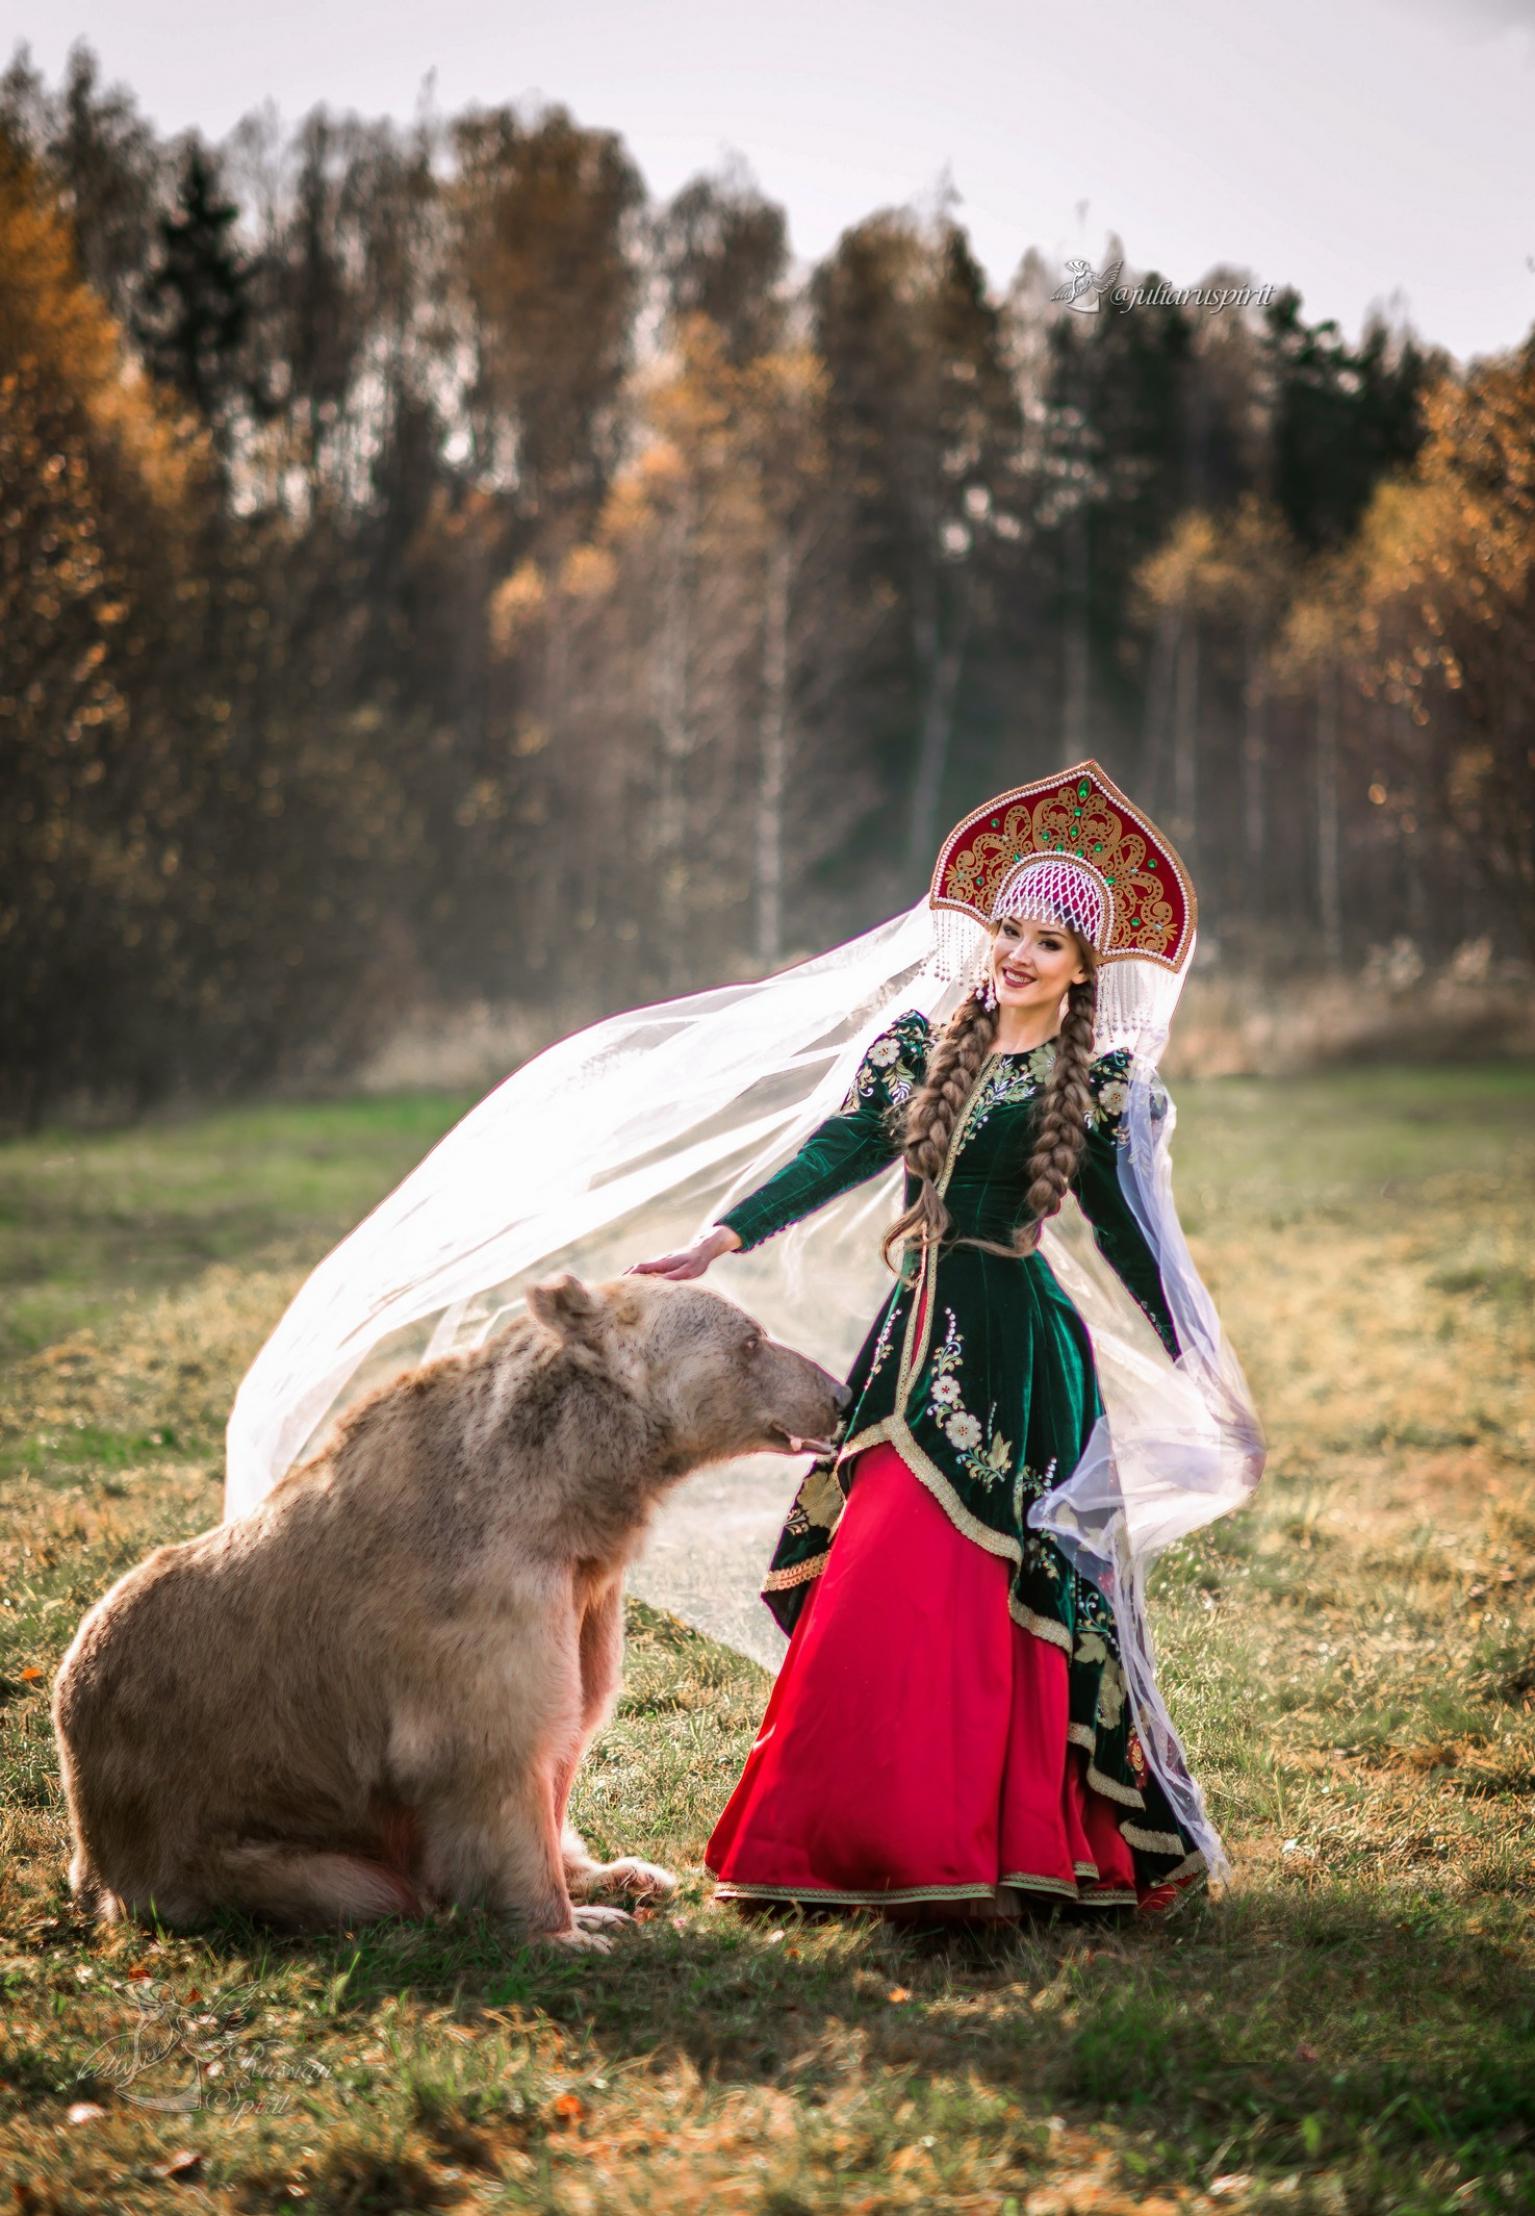 Девушка в вышитом узорами платье в кокошнике с медведем